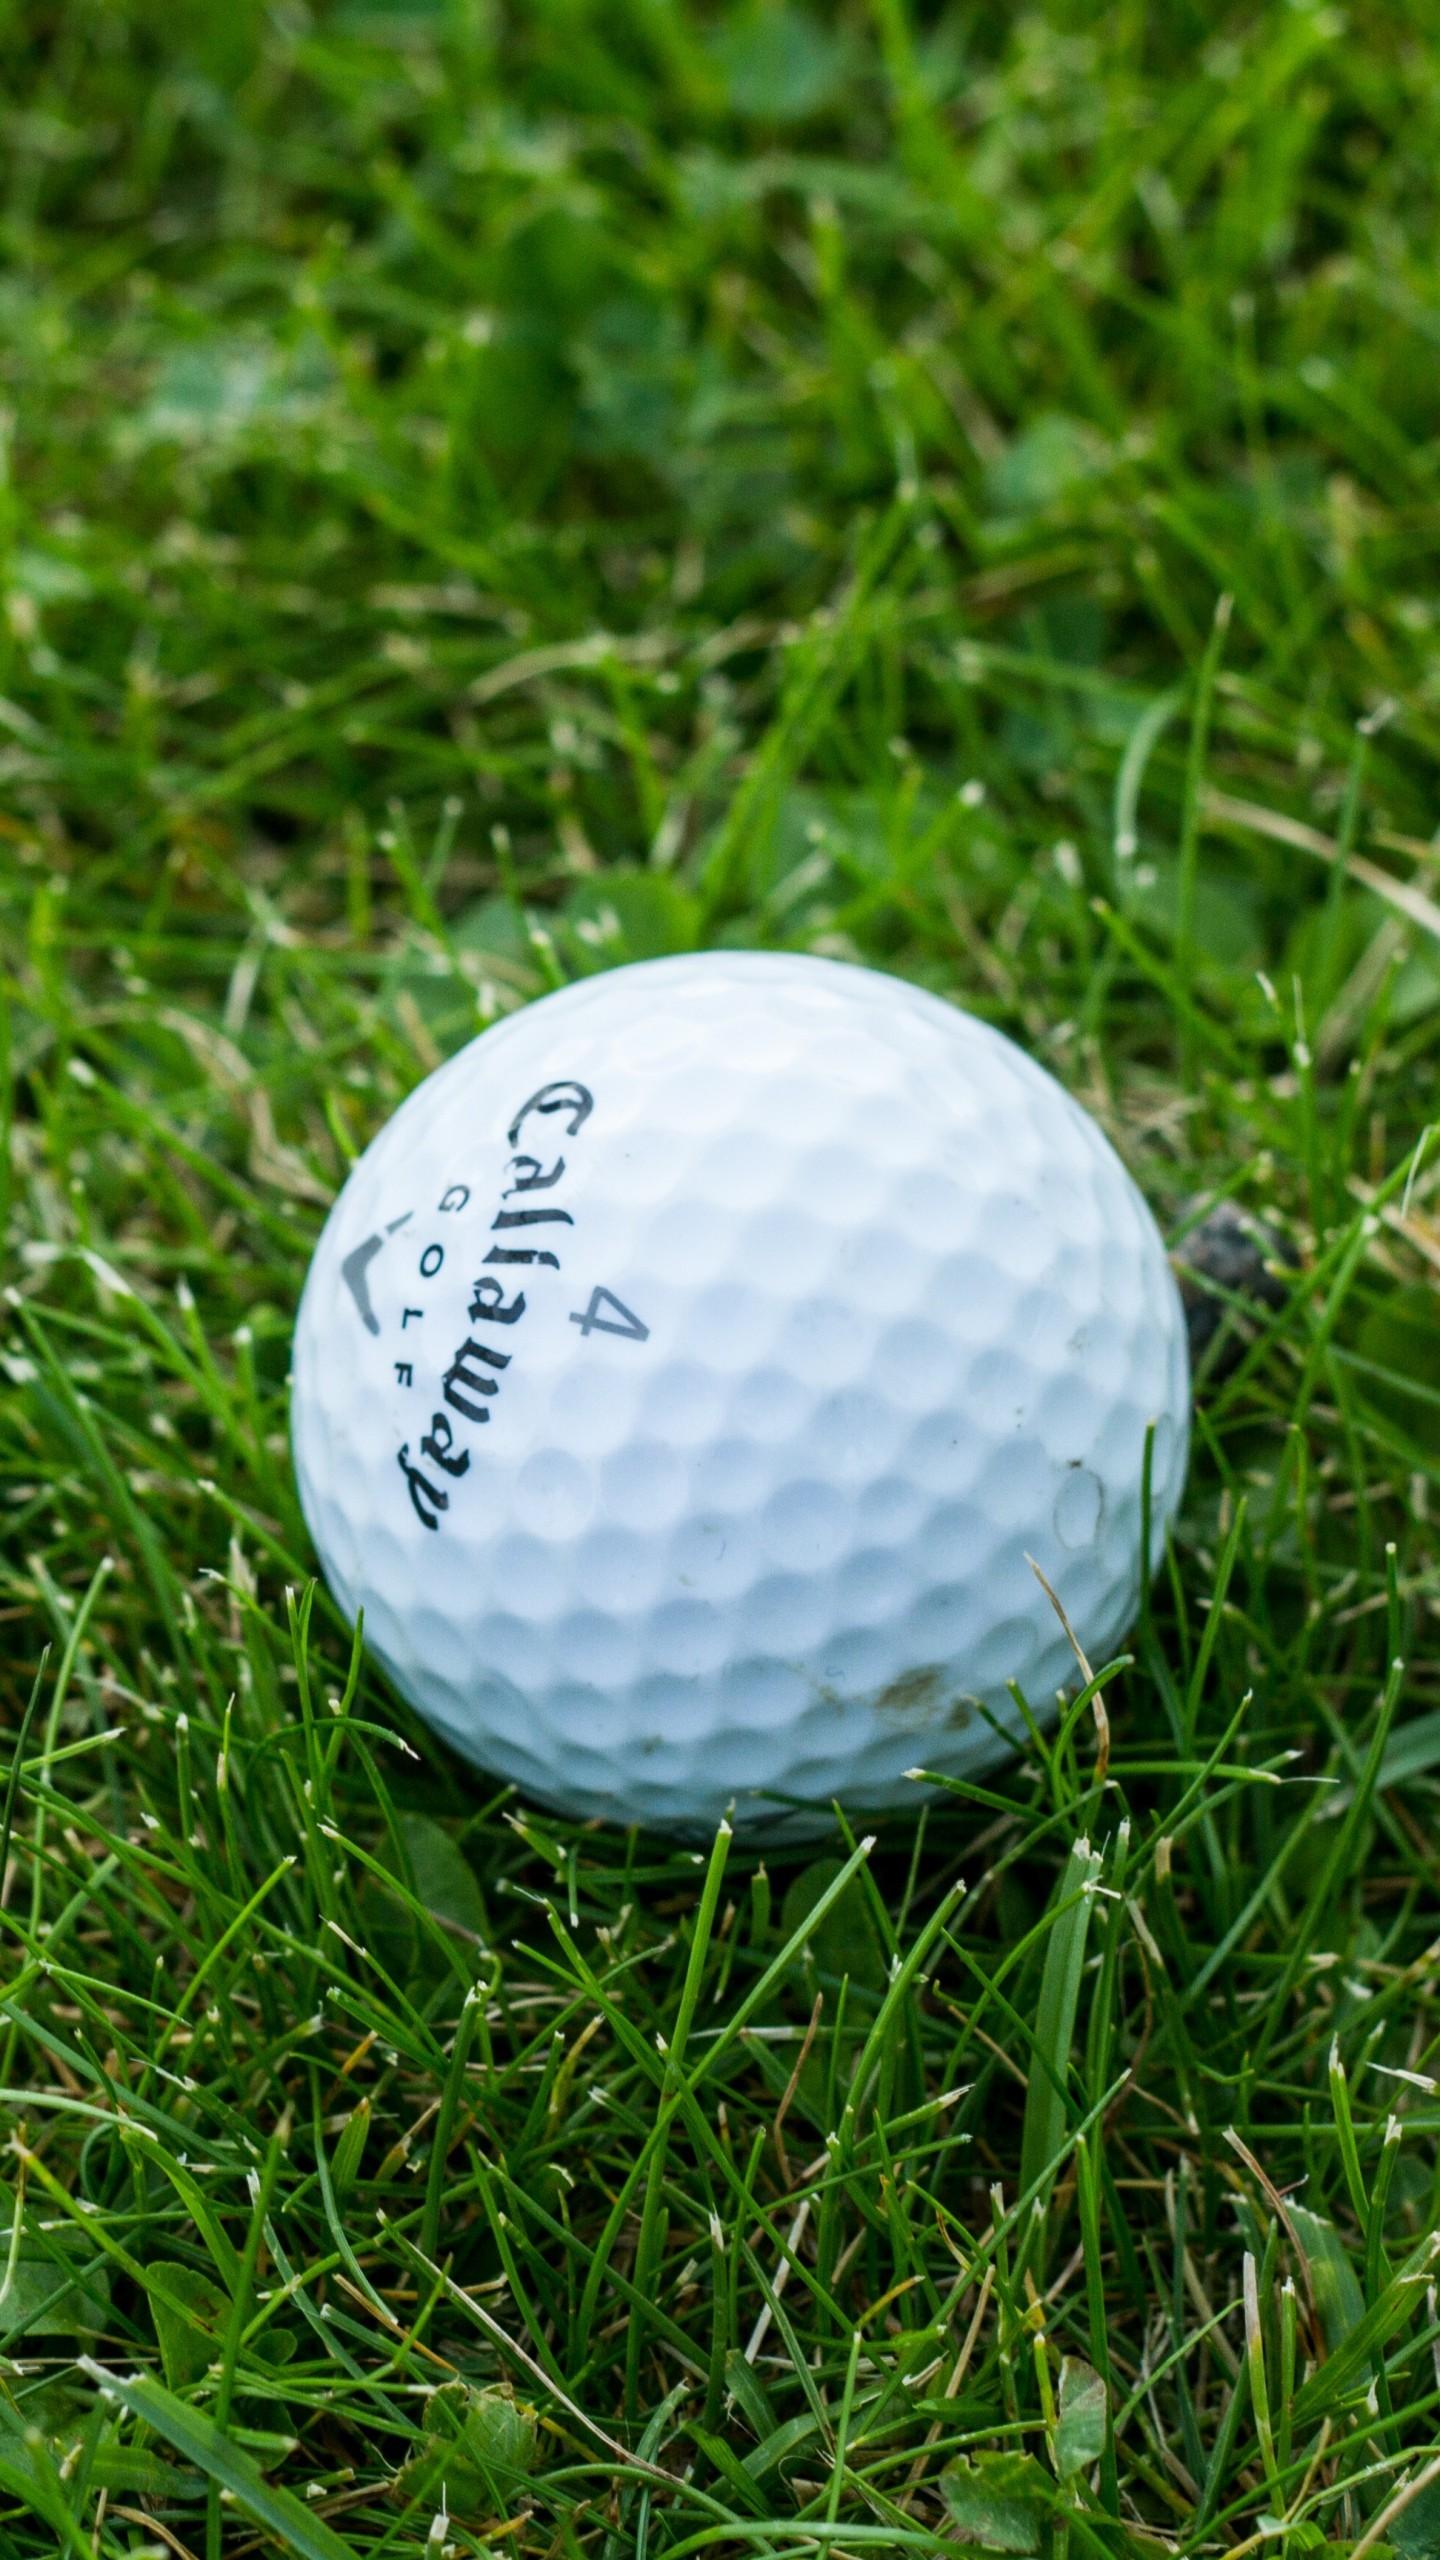 1440x2560 Preview Wallpaper Golf Ball Grass